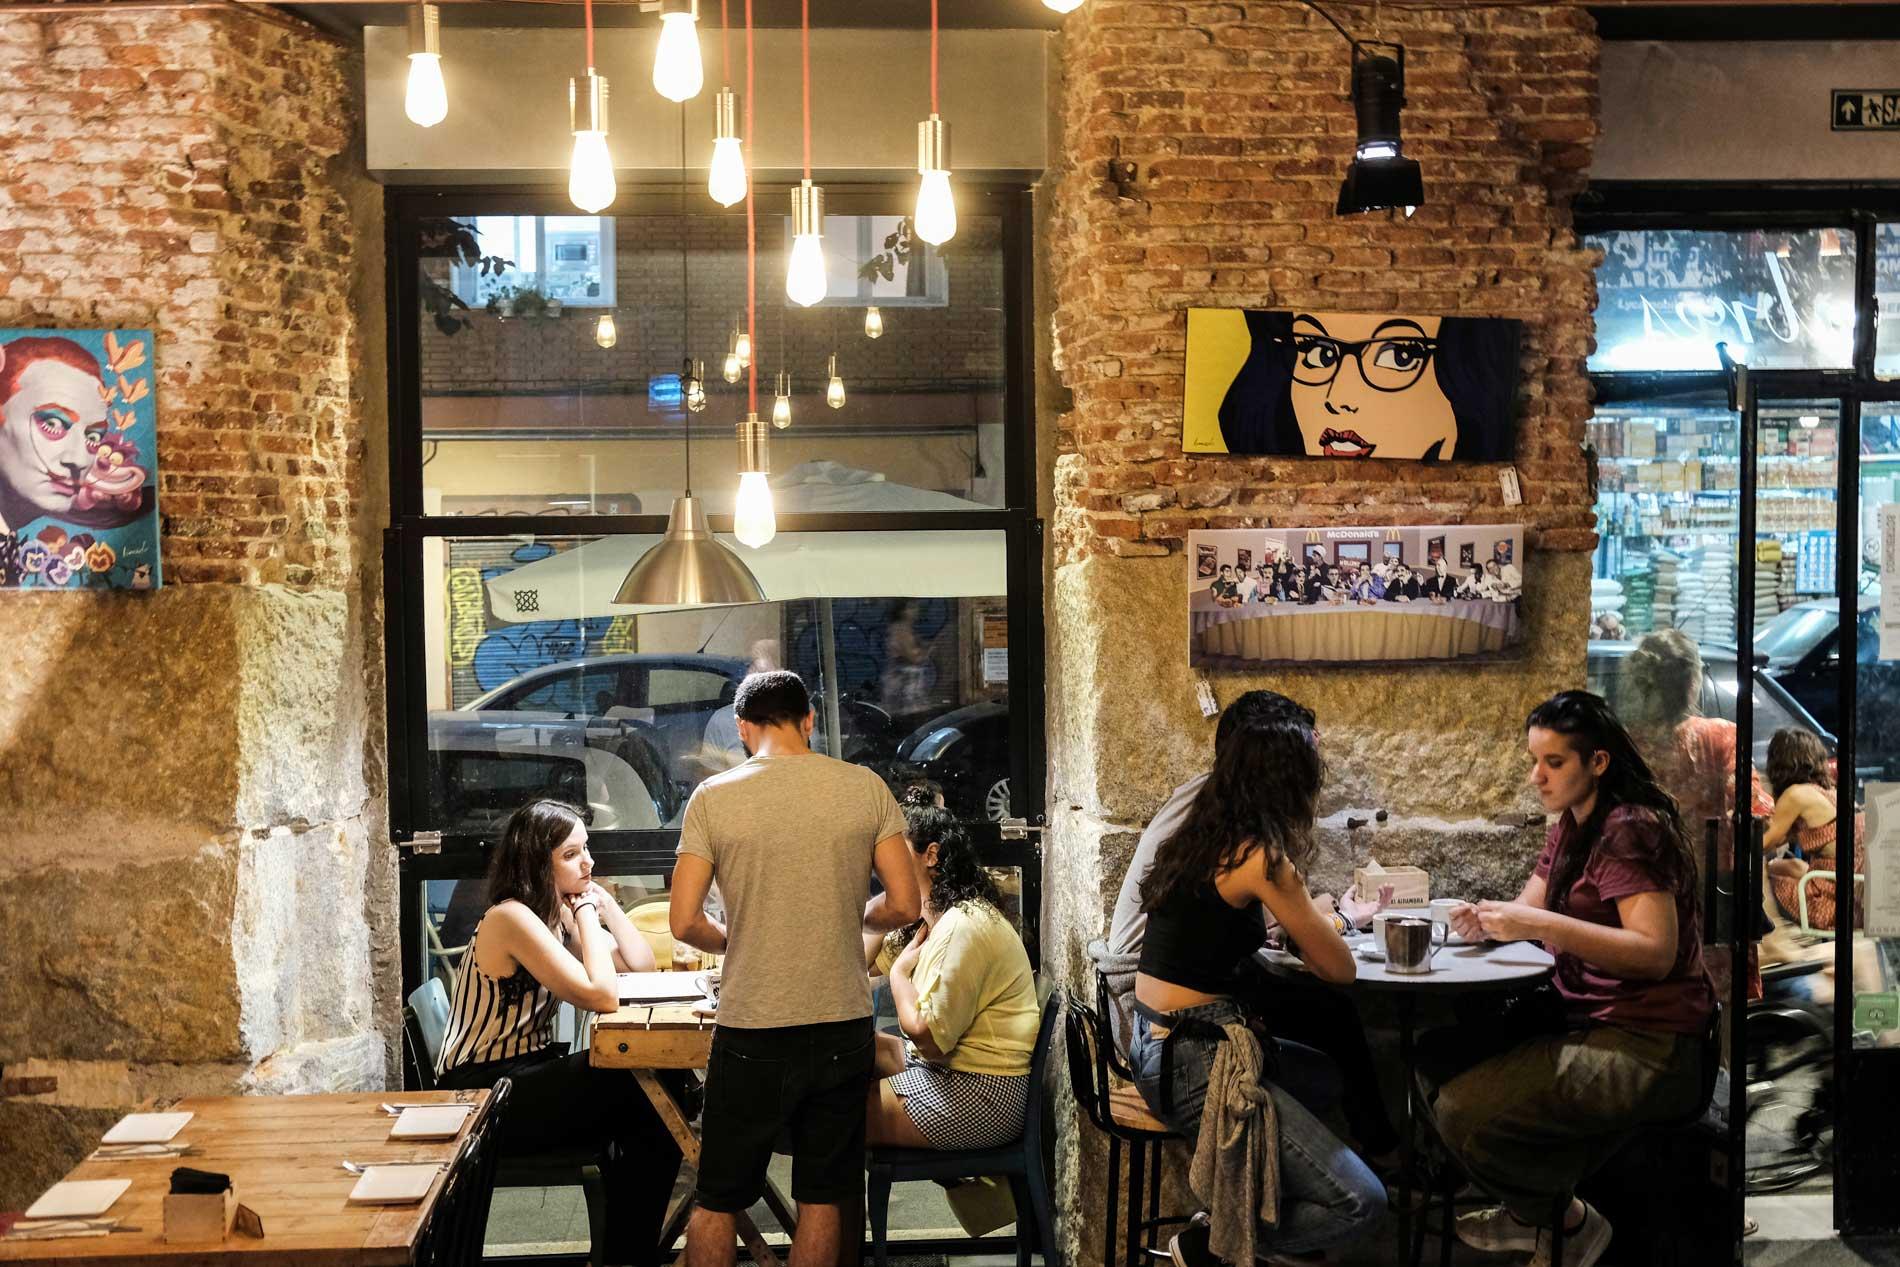 Para comidas o cenas, 'Juan Raro' es un buen punto de encuentro.